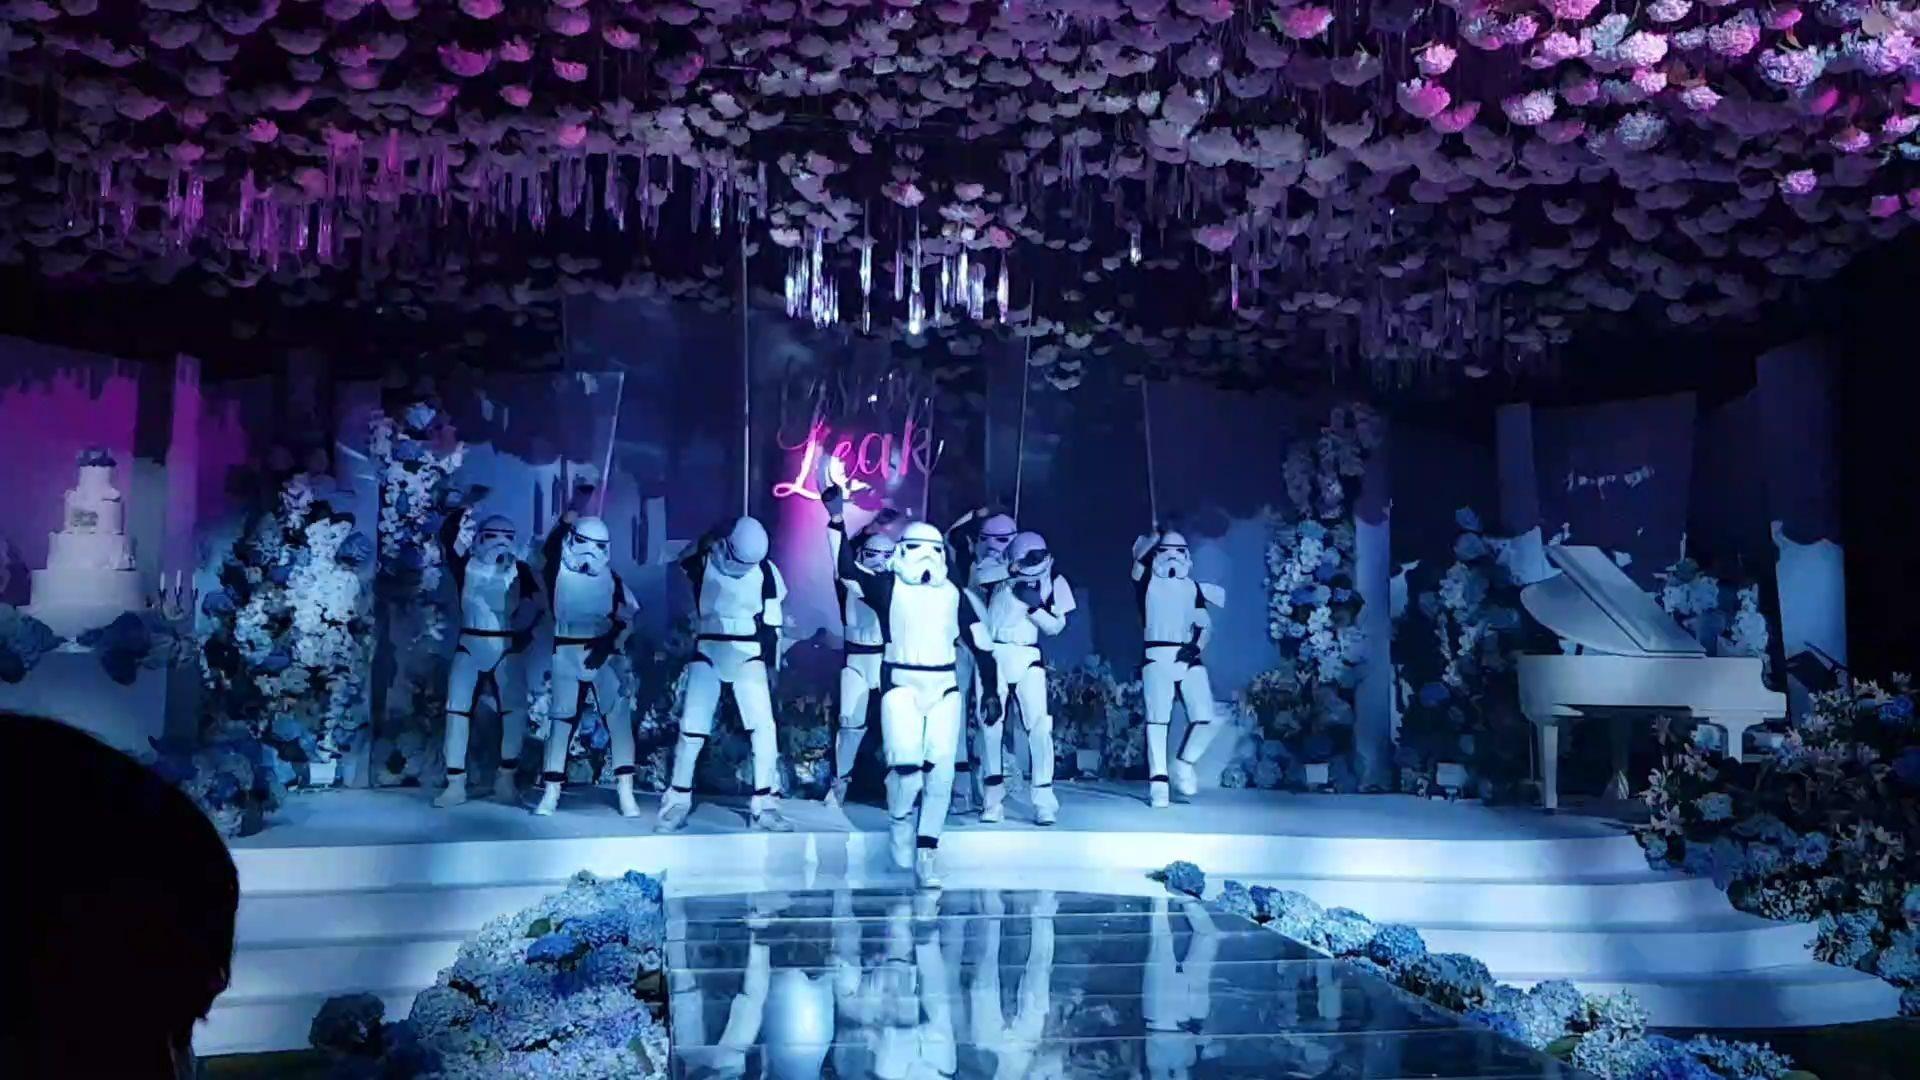 Futuristic Party_181204_0017